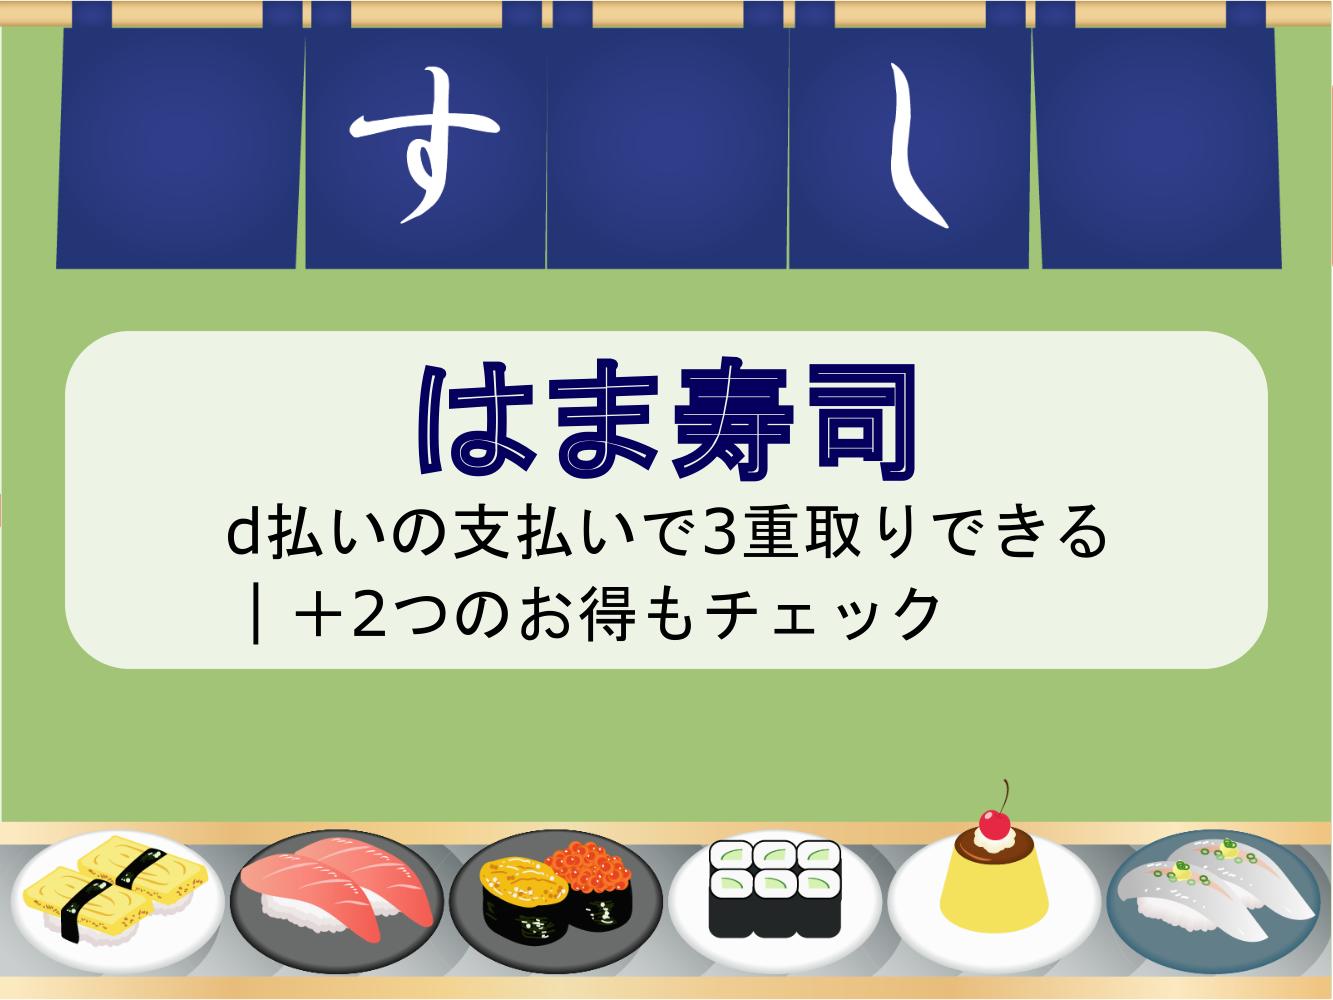 払い は ま 寿司 d くら寿司でd払いは使える?使えない?2021年7月現在